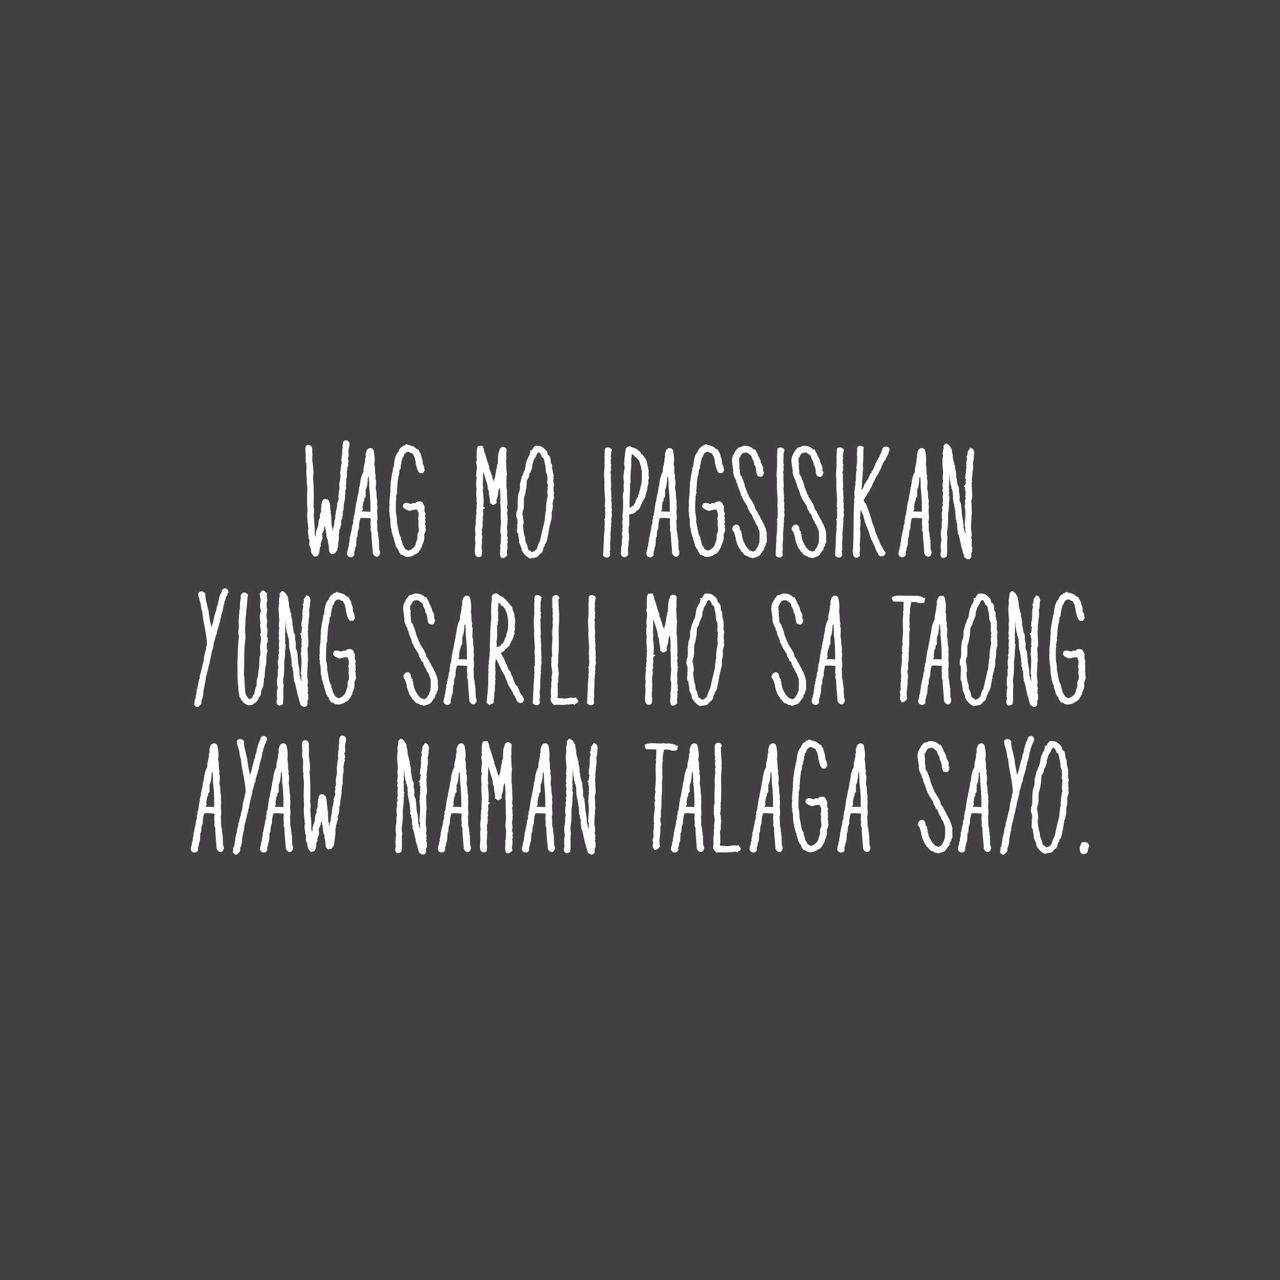 Mahal Kita Kaya Lang Tagalog Love Quotes Tagalog Quotes Love Quotes For Her